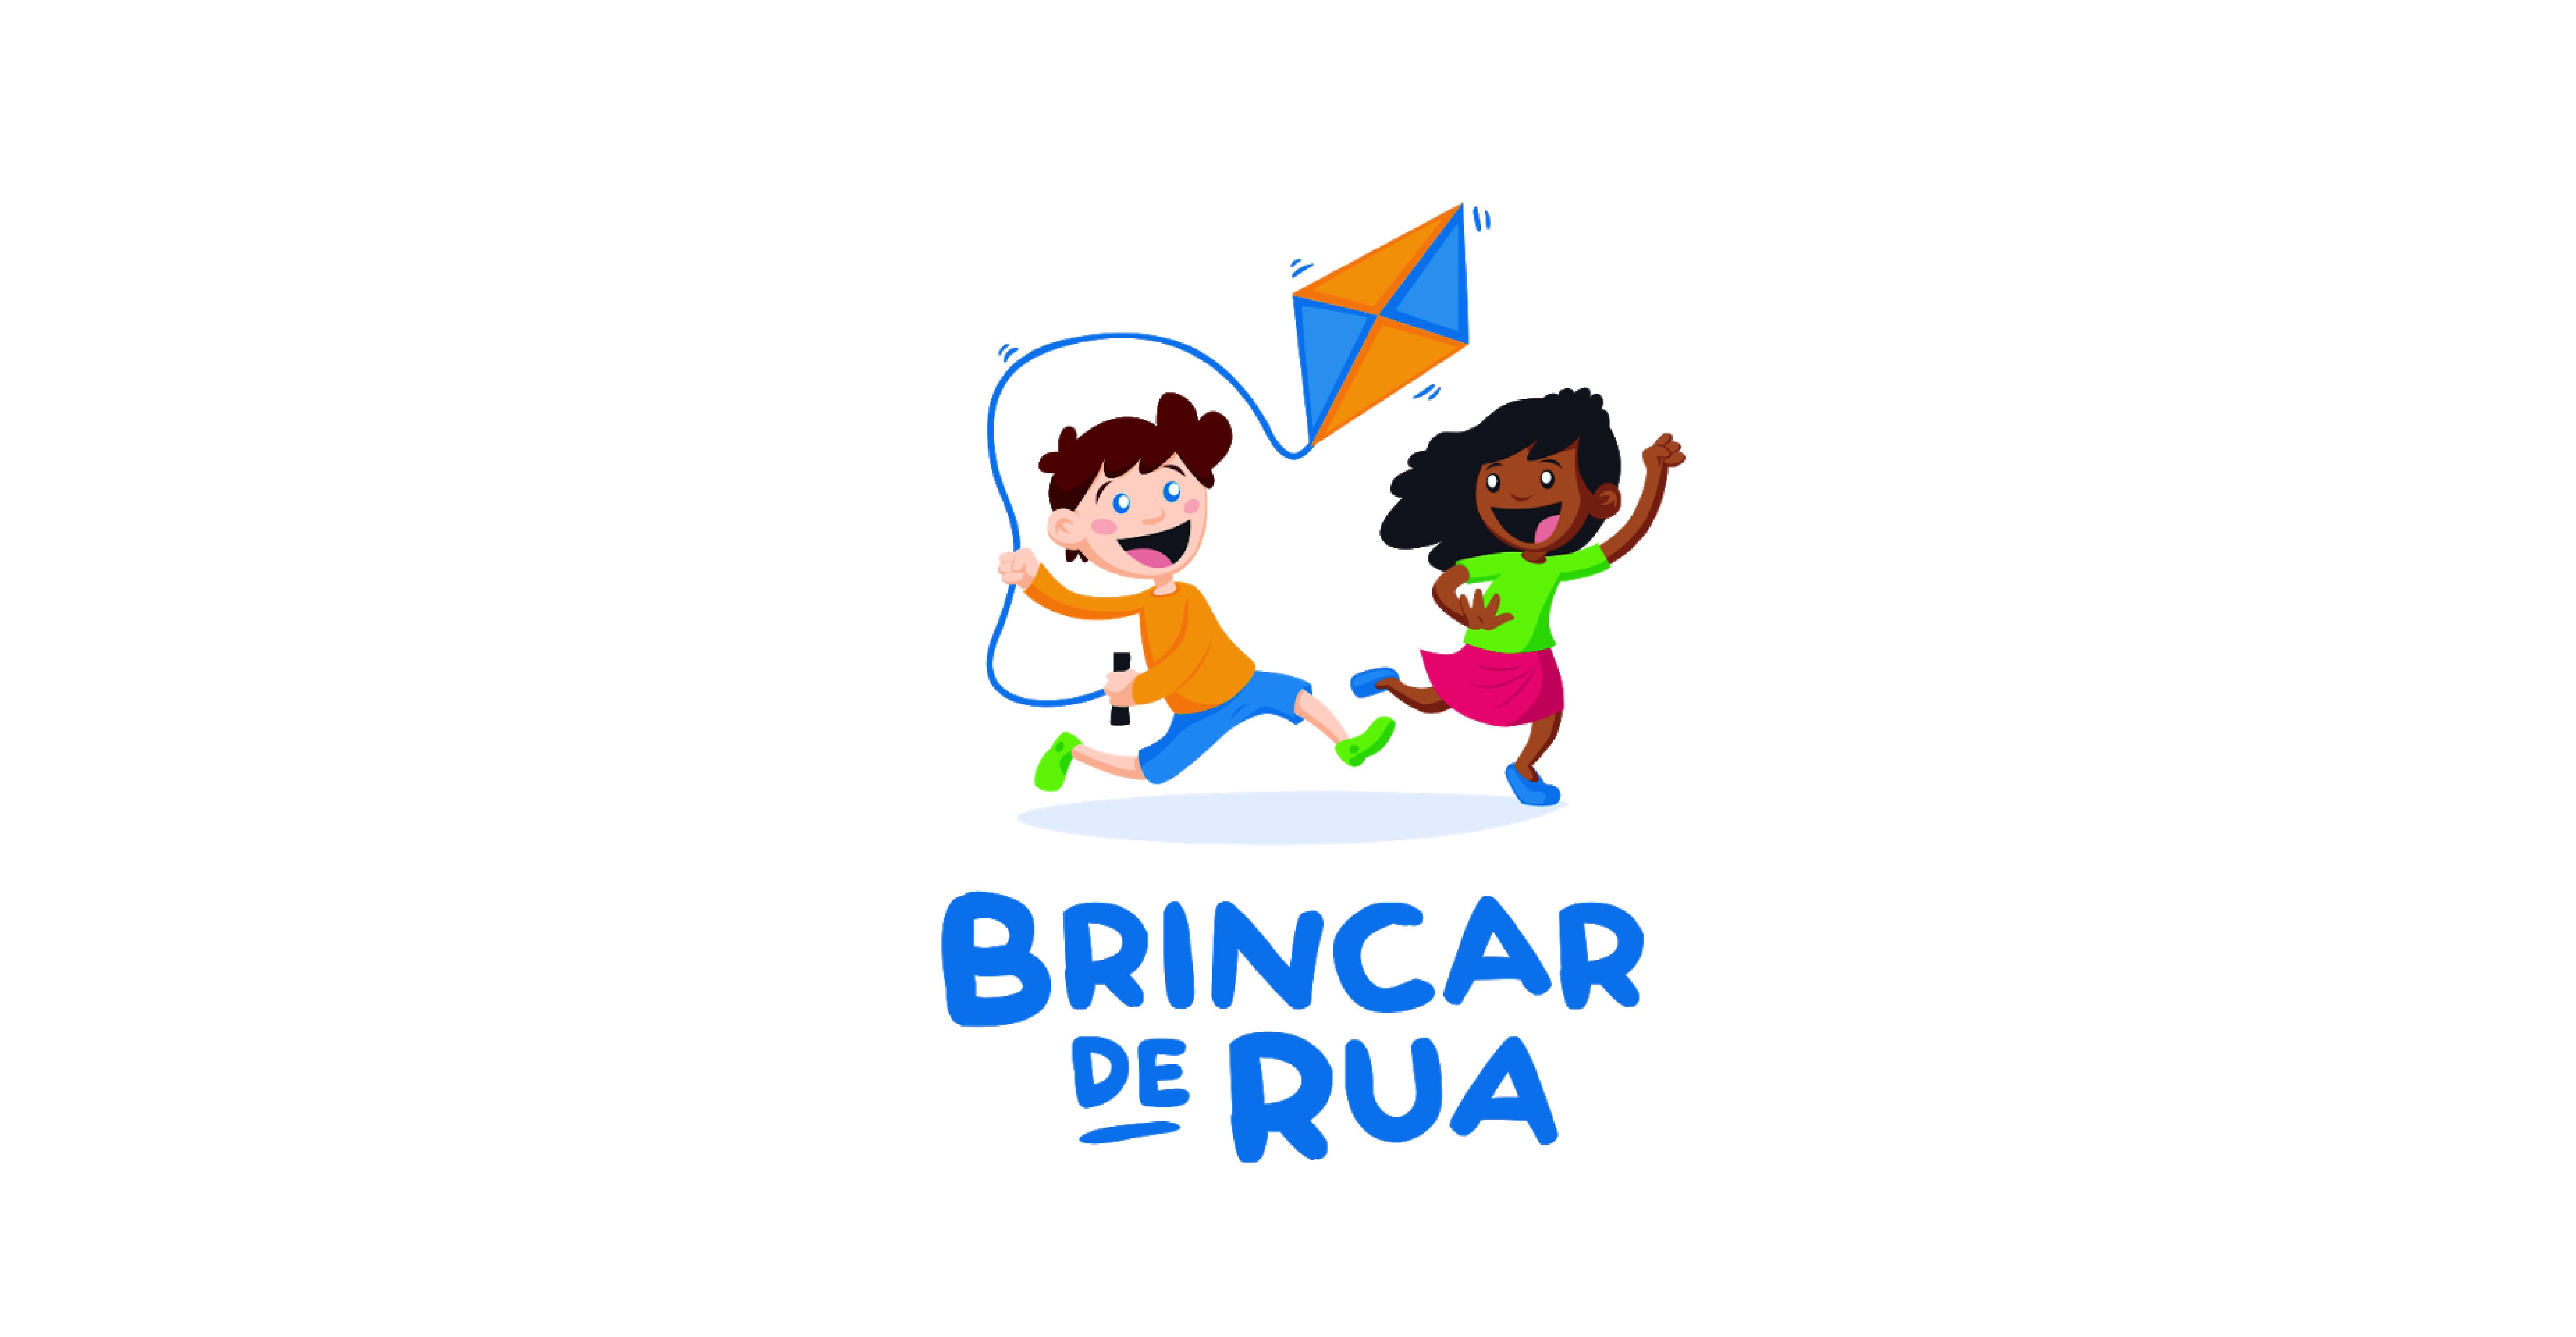 brincar_Prancheta 1